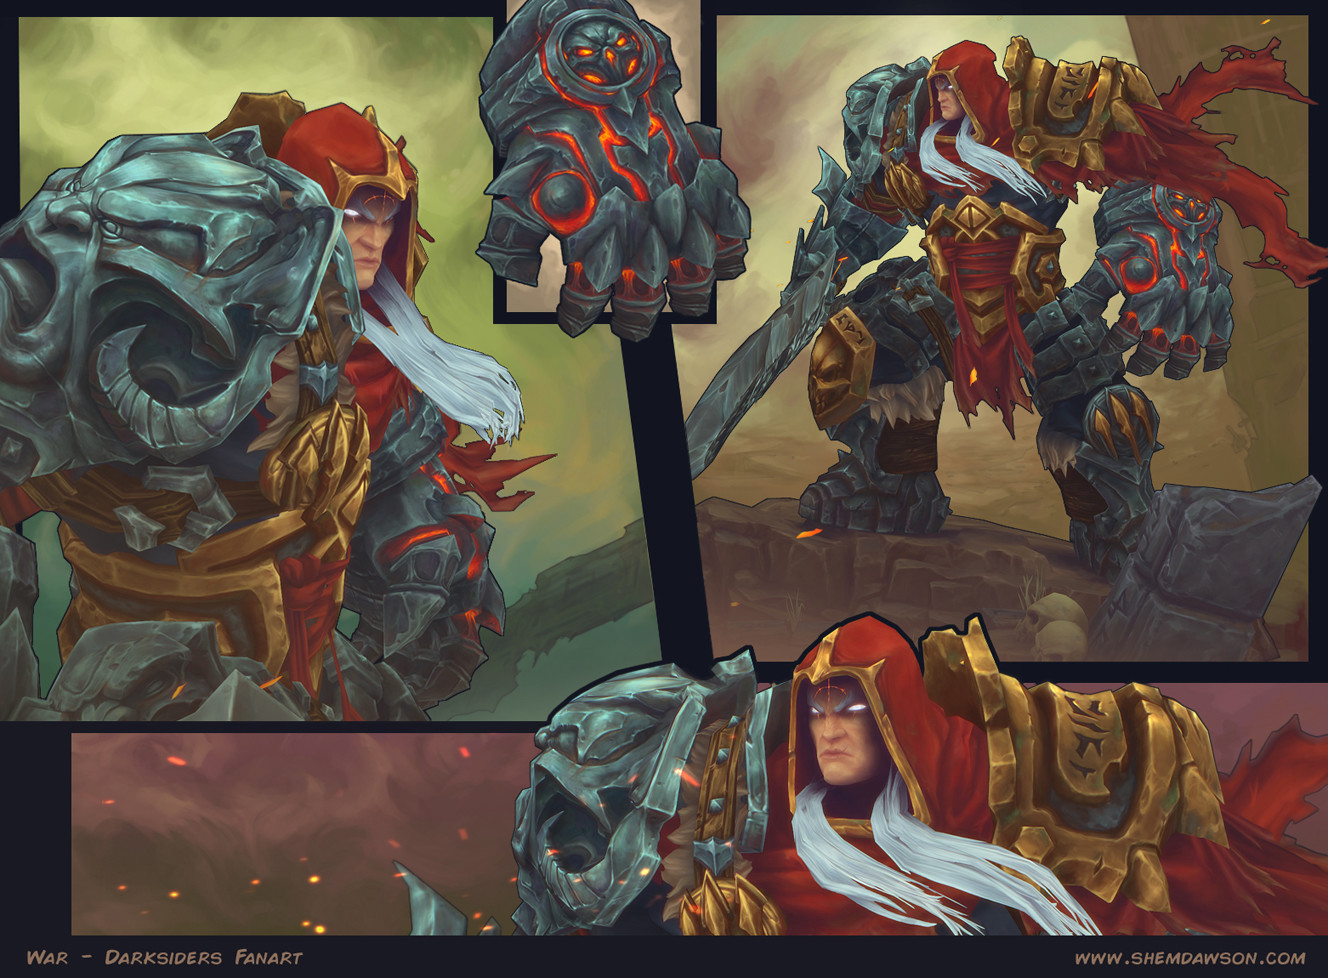 Shem dawson war webshot02